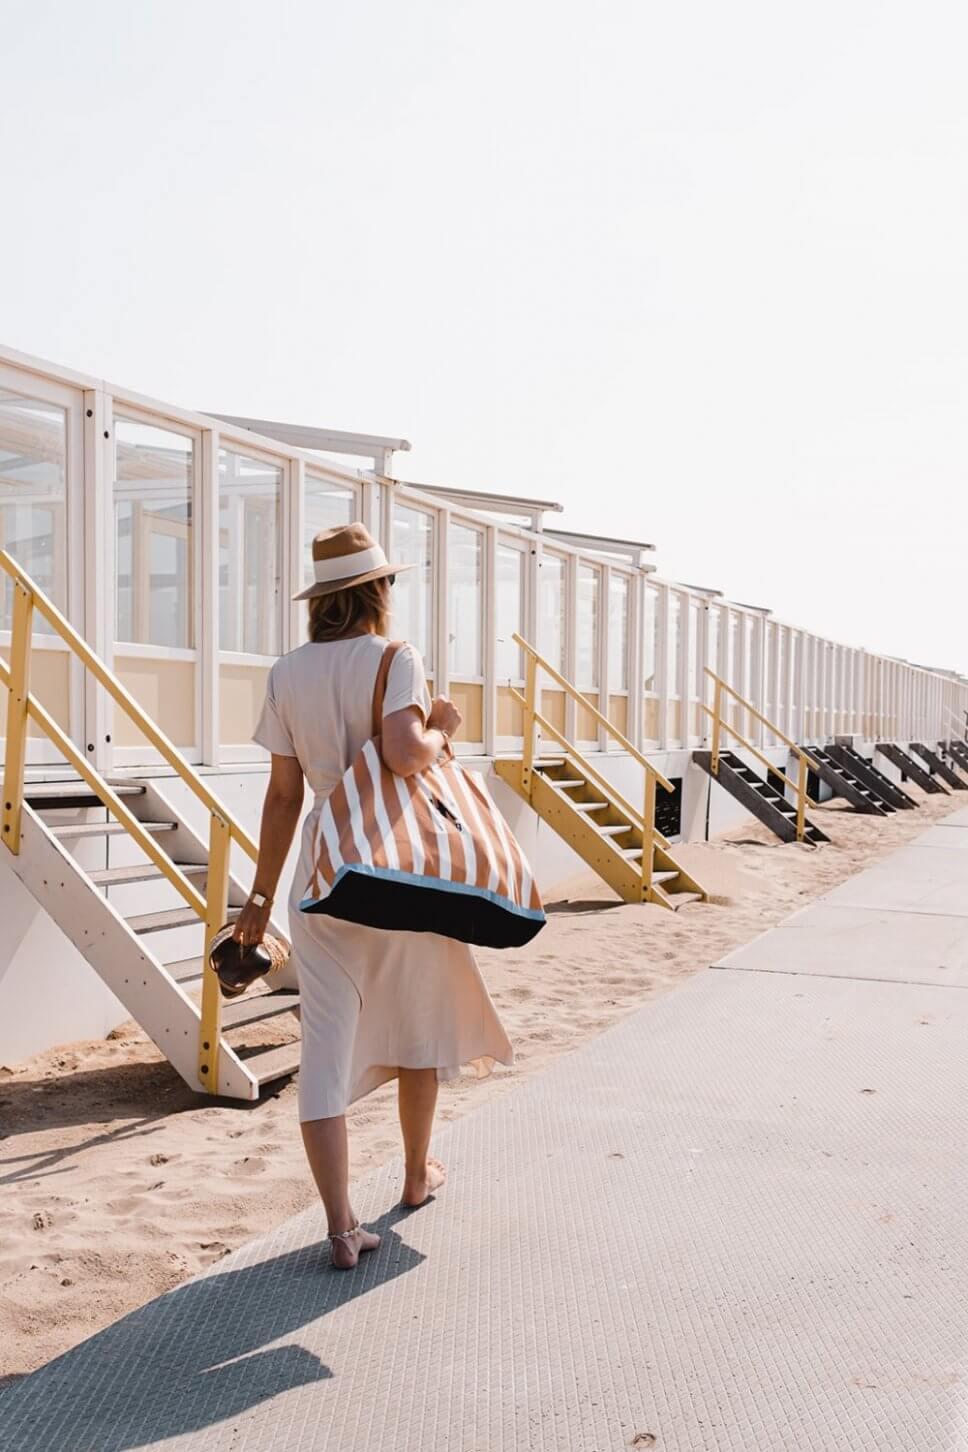 Frau mit einer Strandtasche über der Schulter geht an einer Reihe Badehäuser vorbei